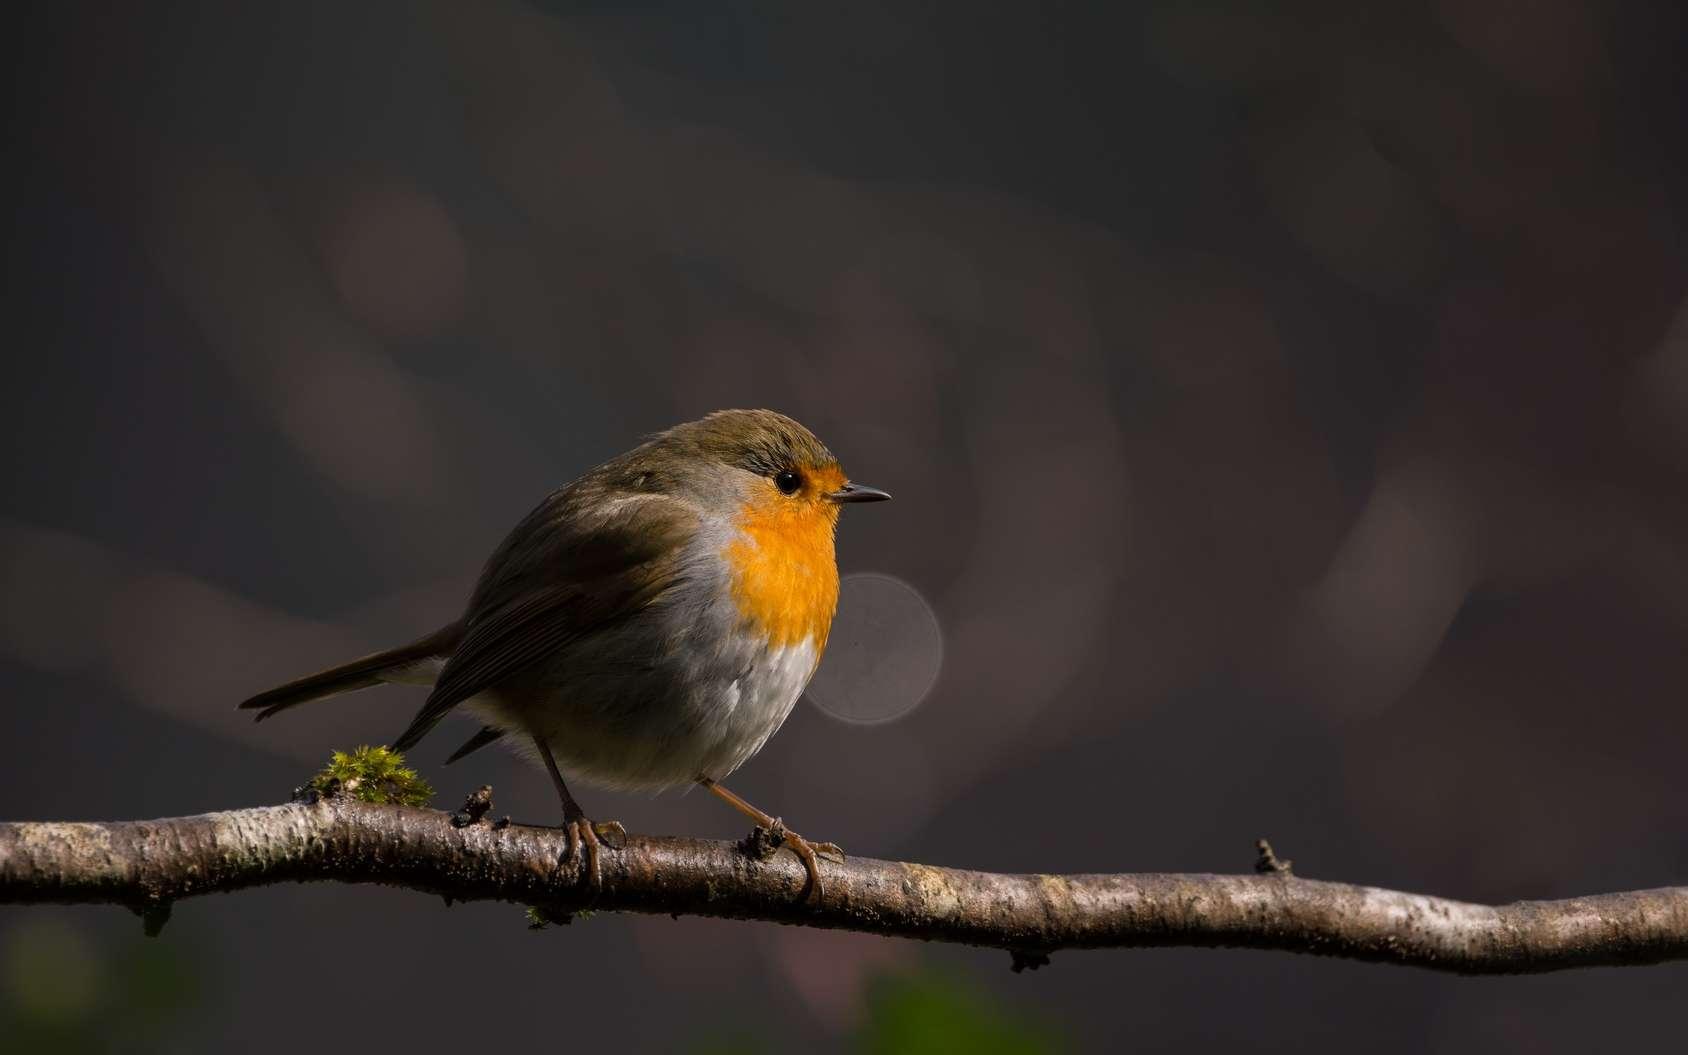 De moins en moins d'oiseaux peuplent nos campagnes. © Marc Andreu, Fotolia